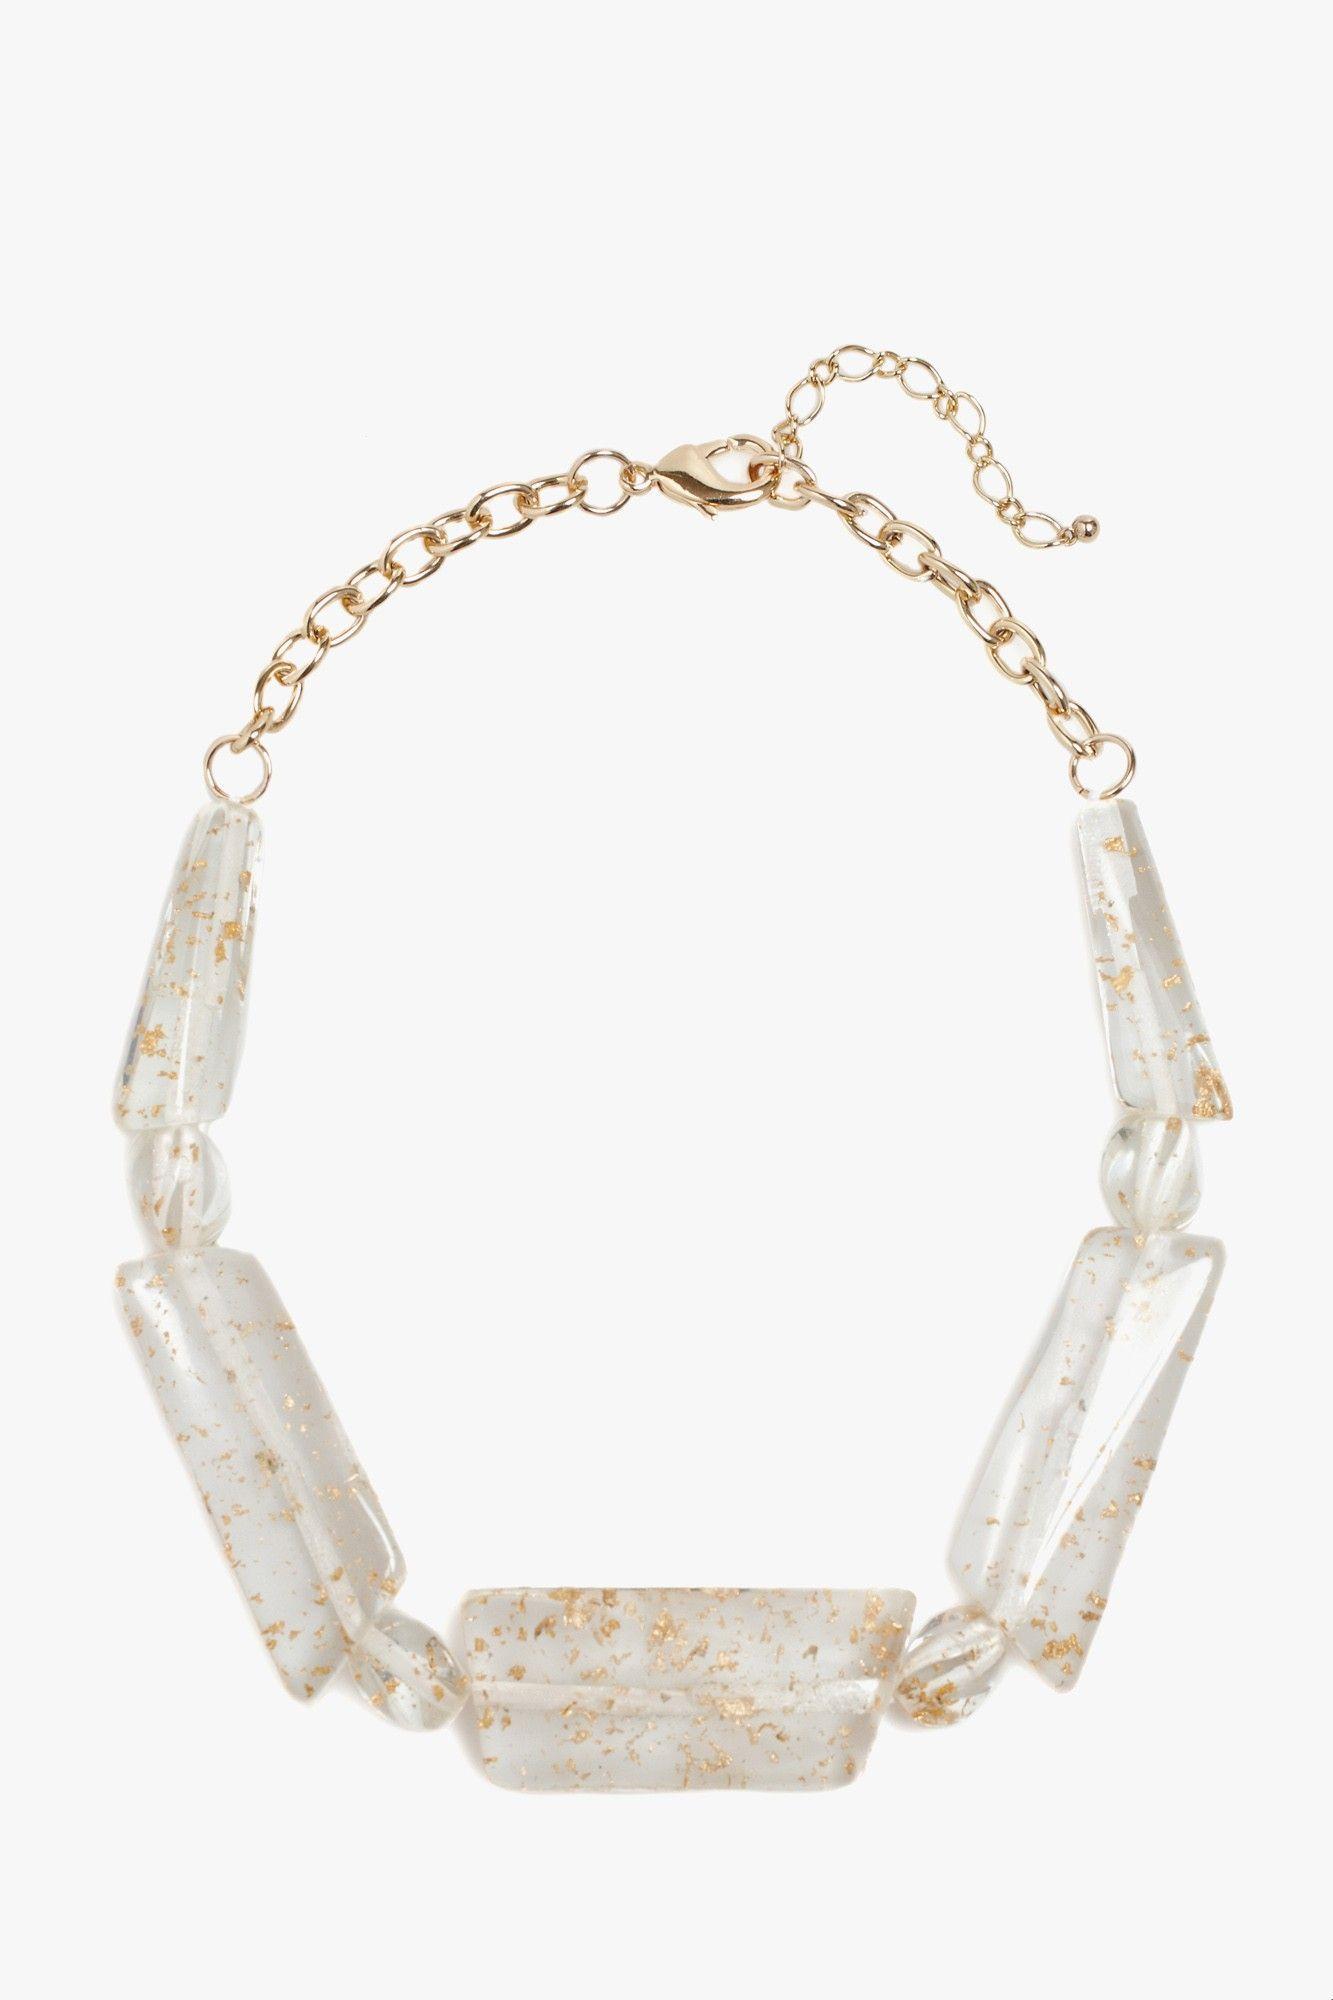 Gold Effect Necklace - new | Adolfo Dominguez shop online